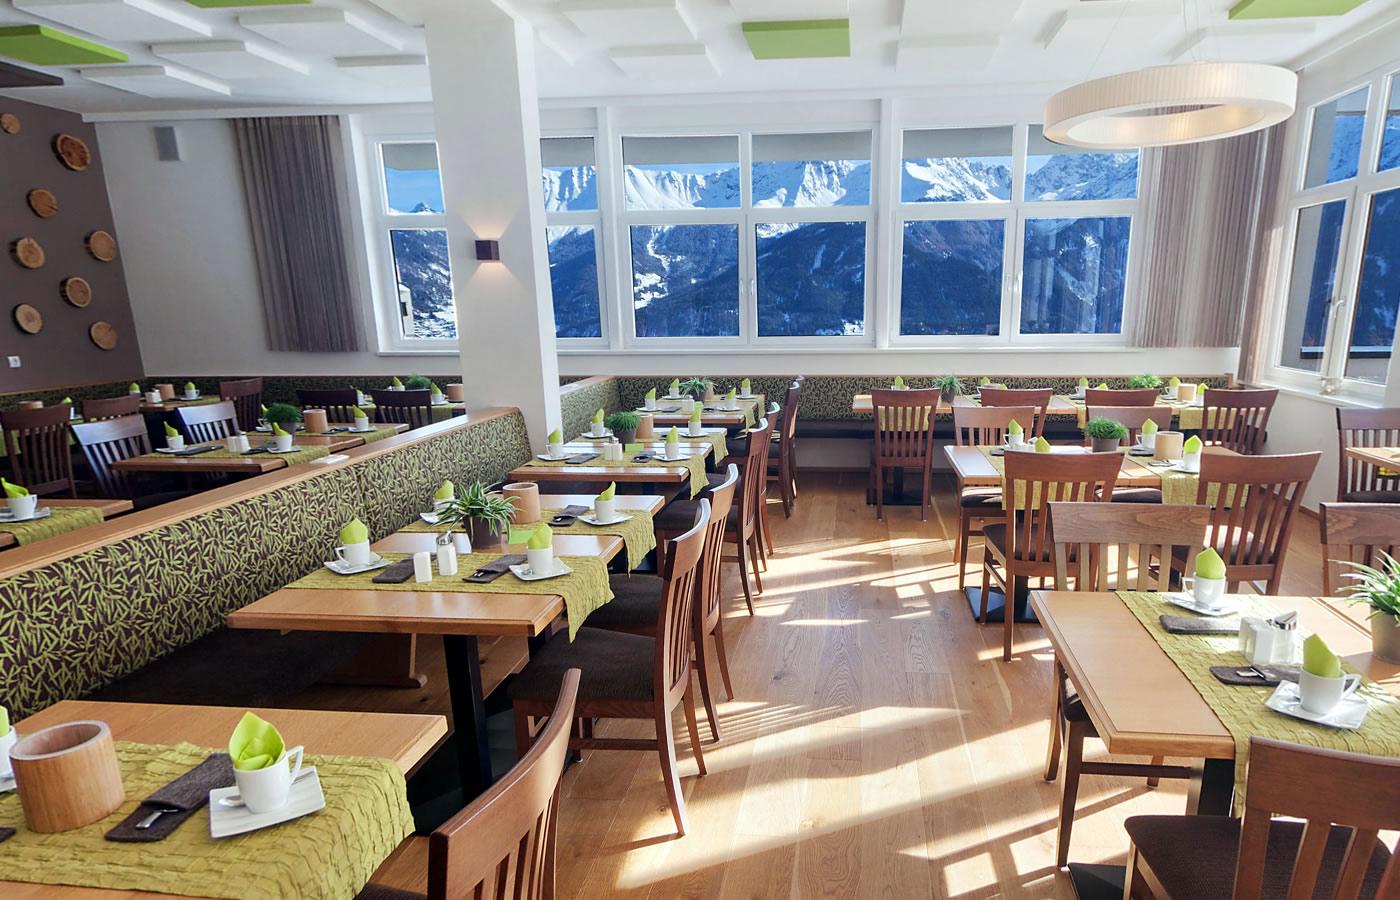 Frühstücksraum - Hotel Natürlich in Fiss, Tirol.